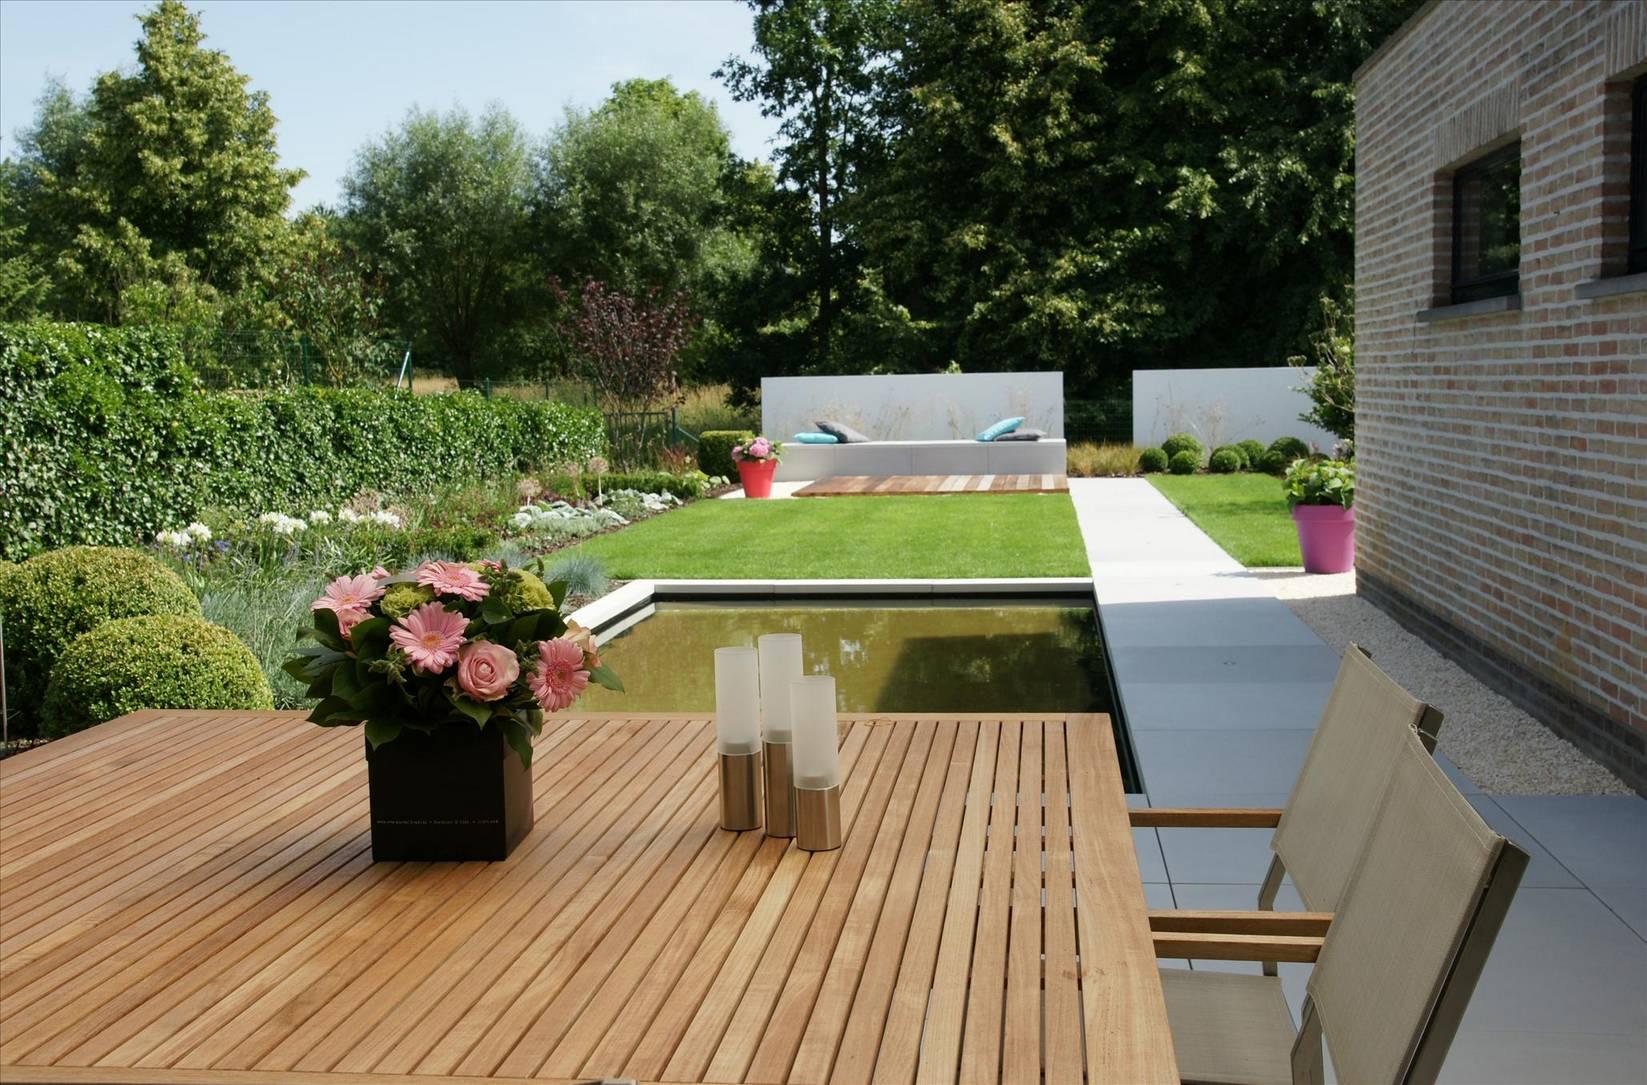 Eco tuinarchitectengroep projecten moderne lounge tuin - Landschapstuin idee ...